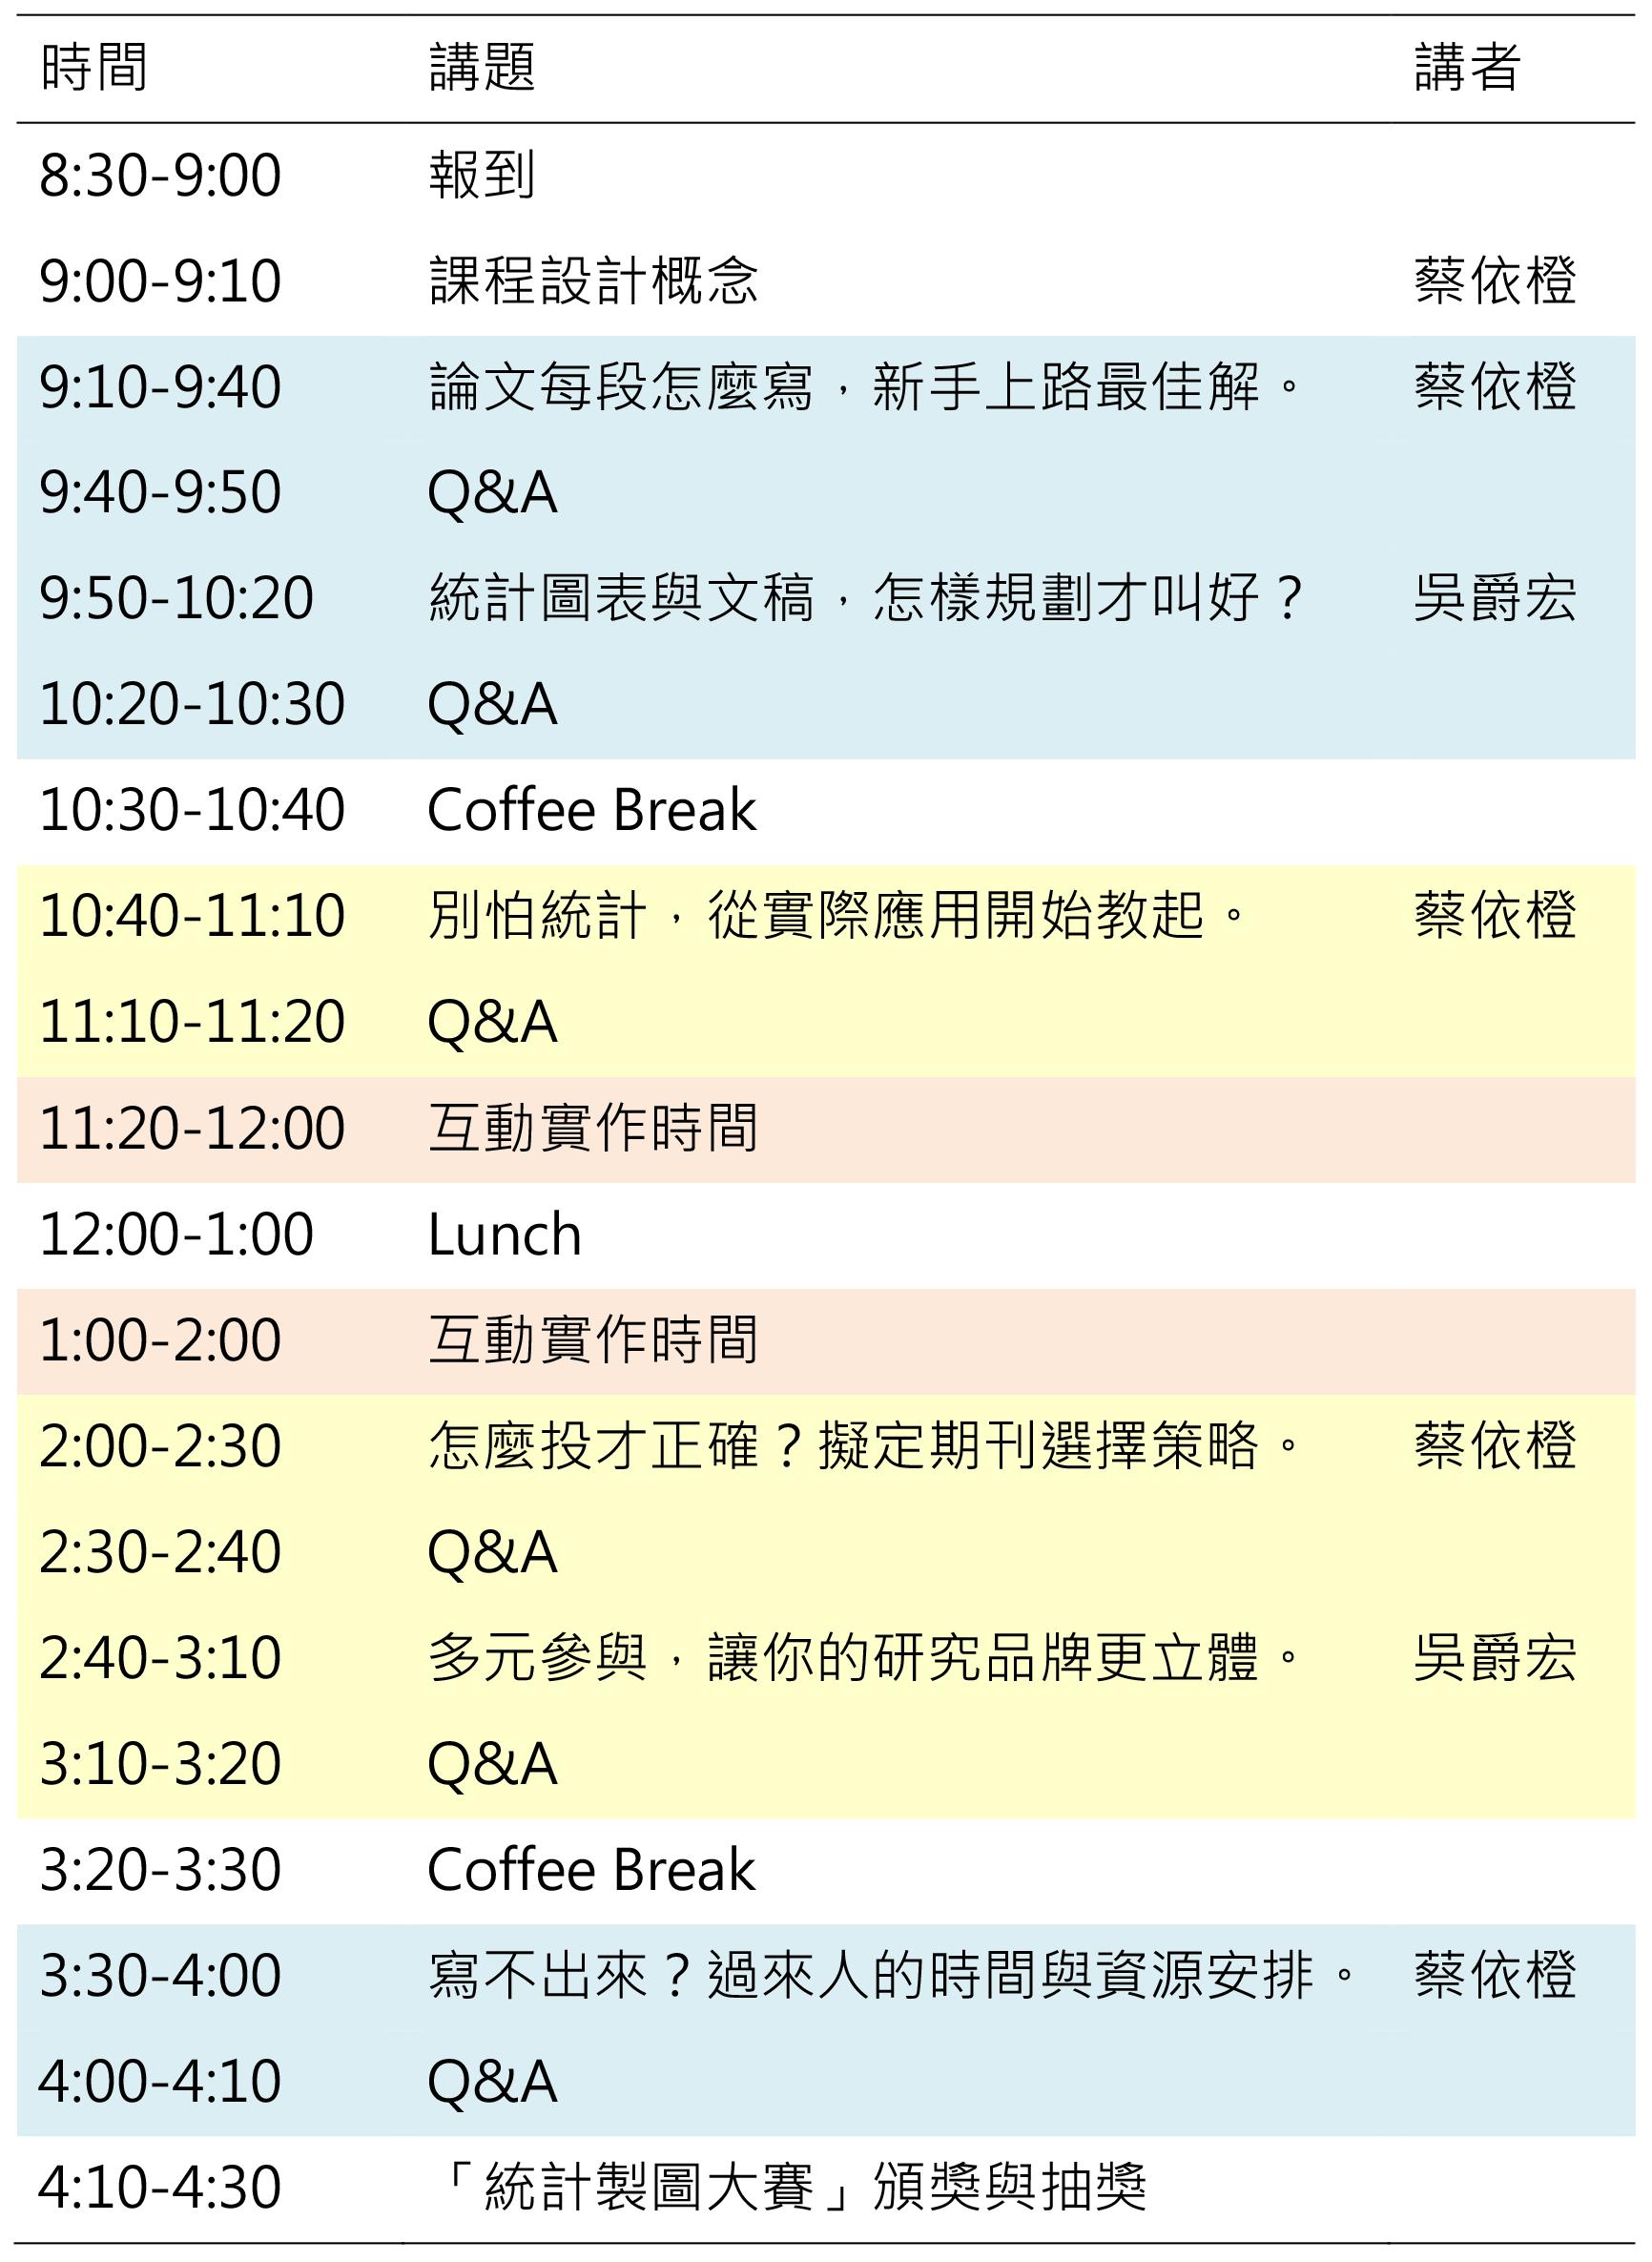 MEPA_schedule_2019v2